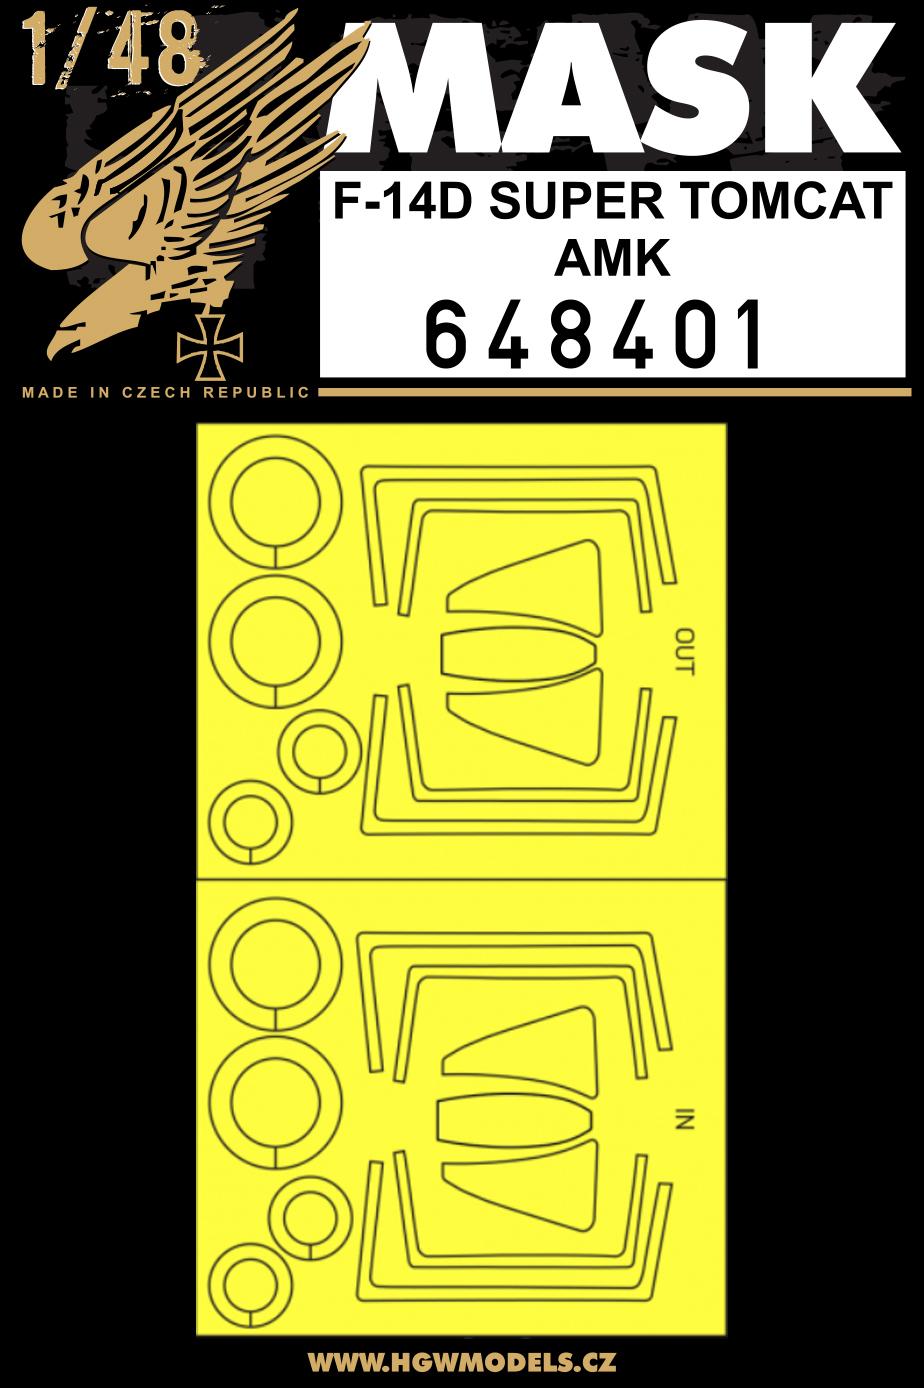 HGW648401